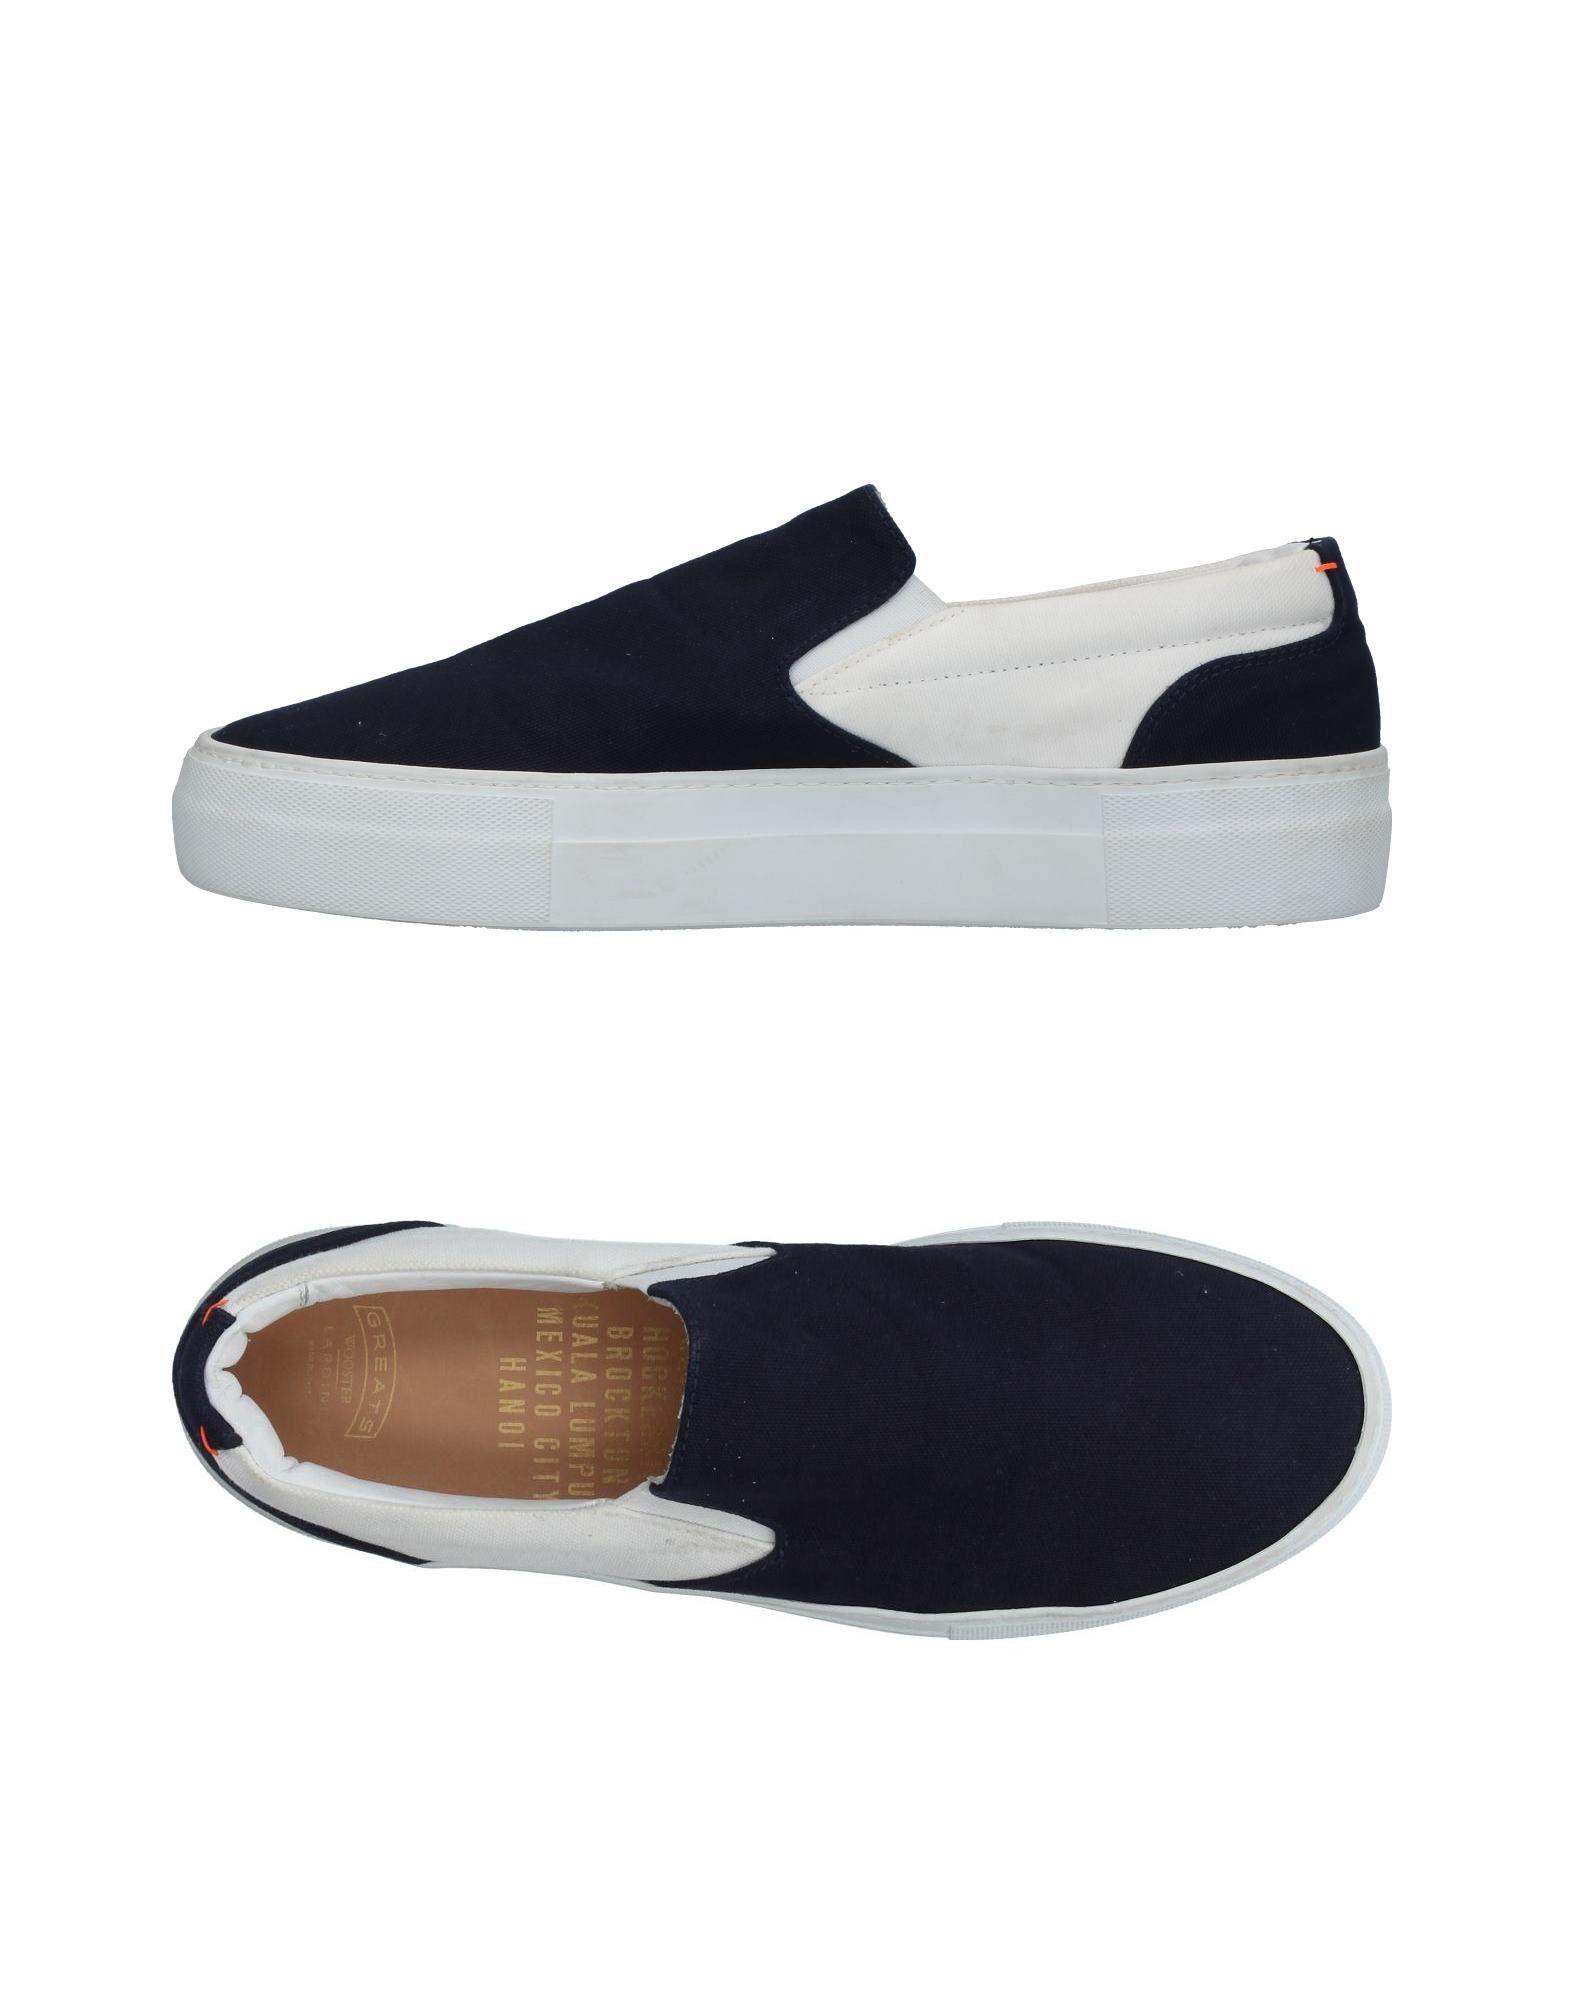 Sneakers Greats Uomo - Acquista online su